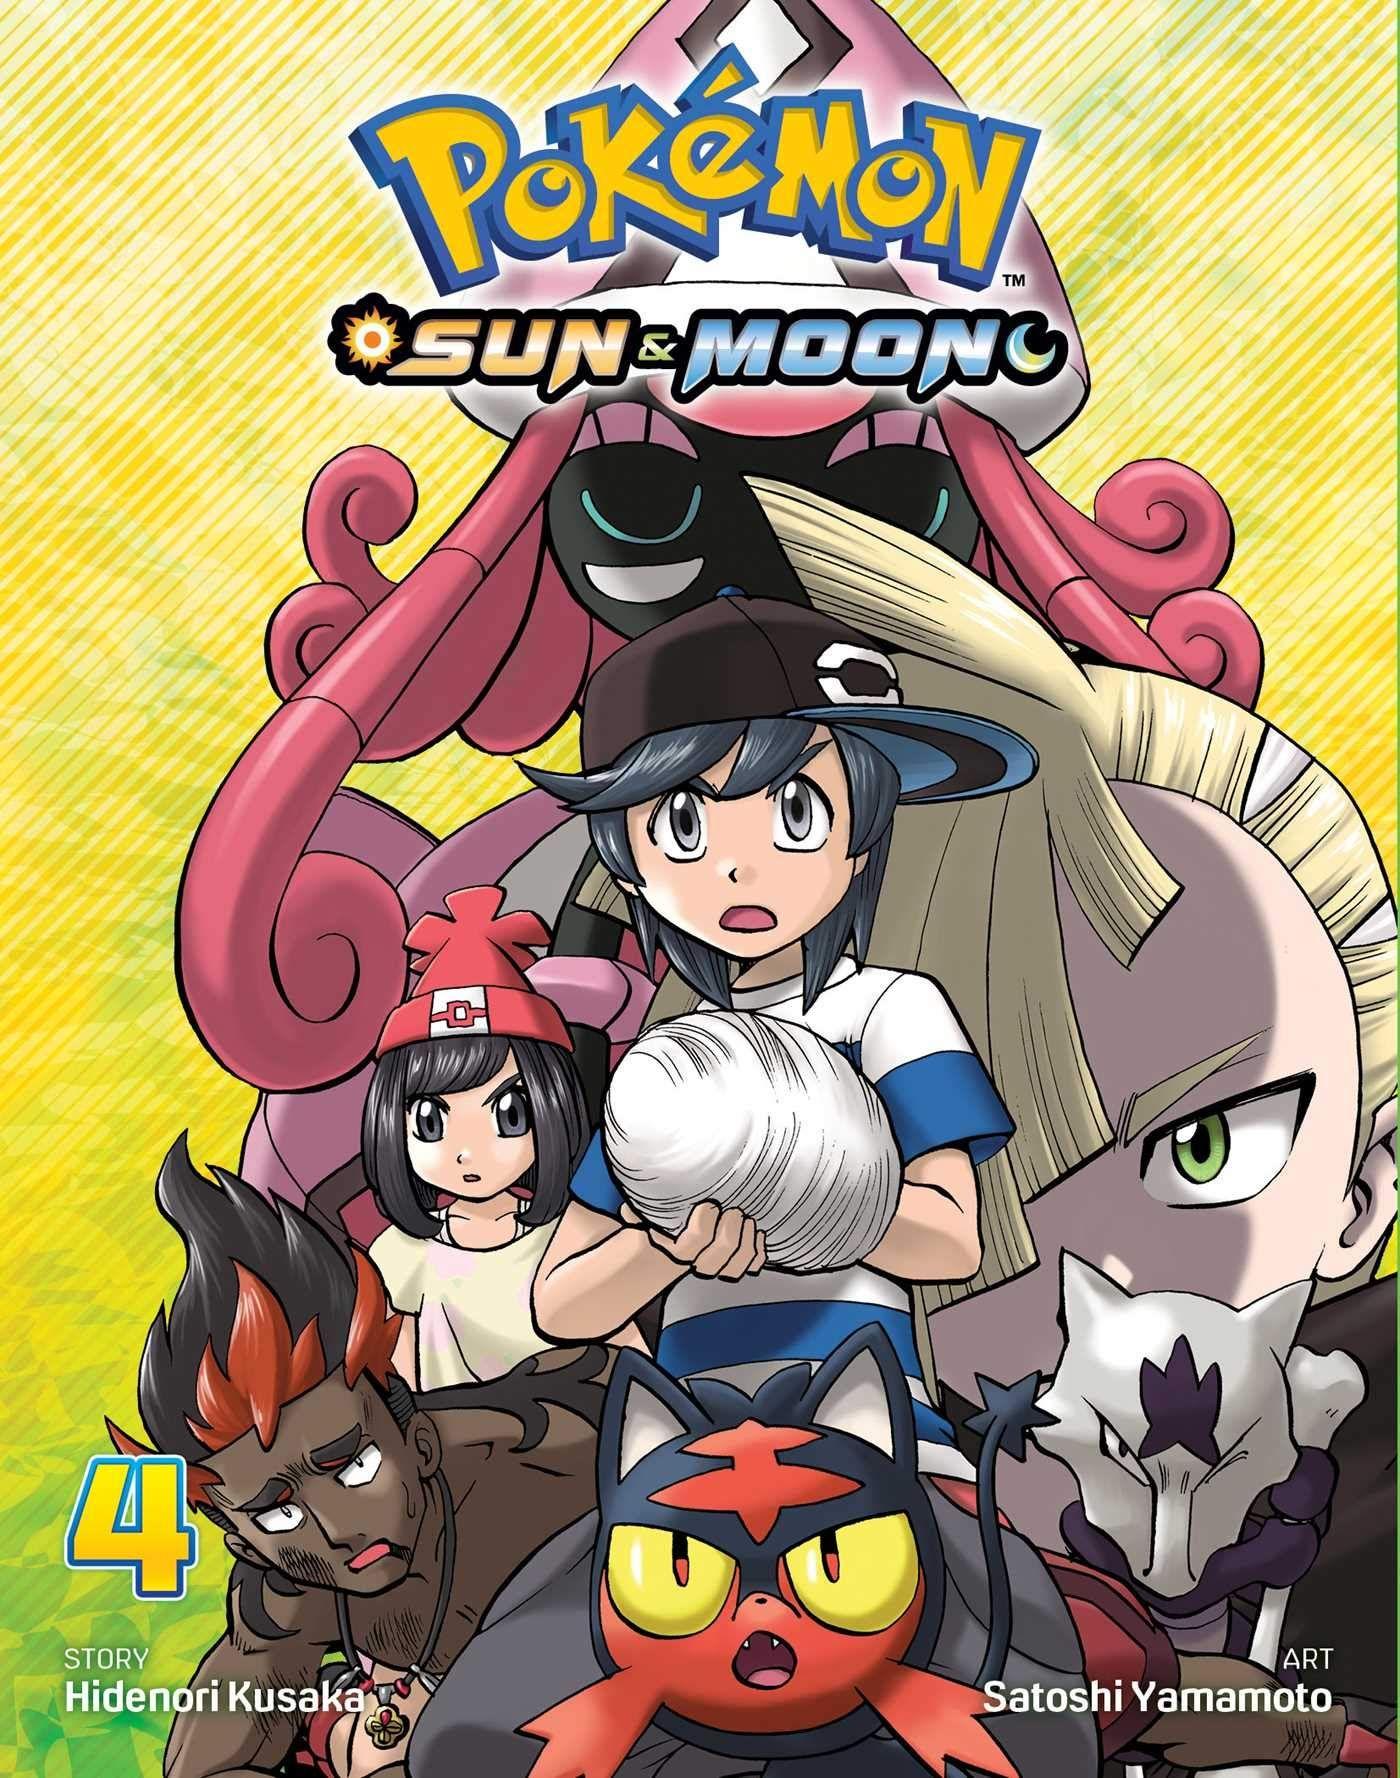 bb5062ce390f36305b72016b77775711 - How To Get Any Pokemon You Want In Pokemon Sun